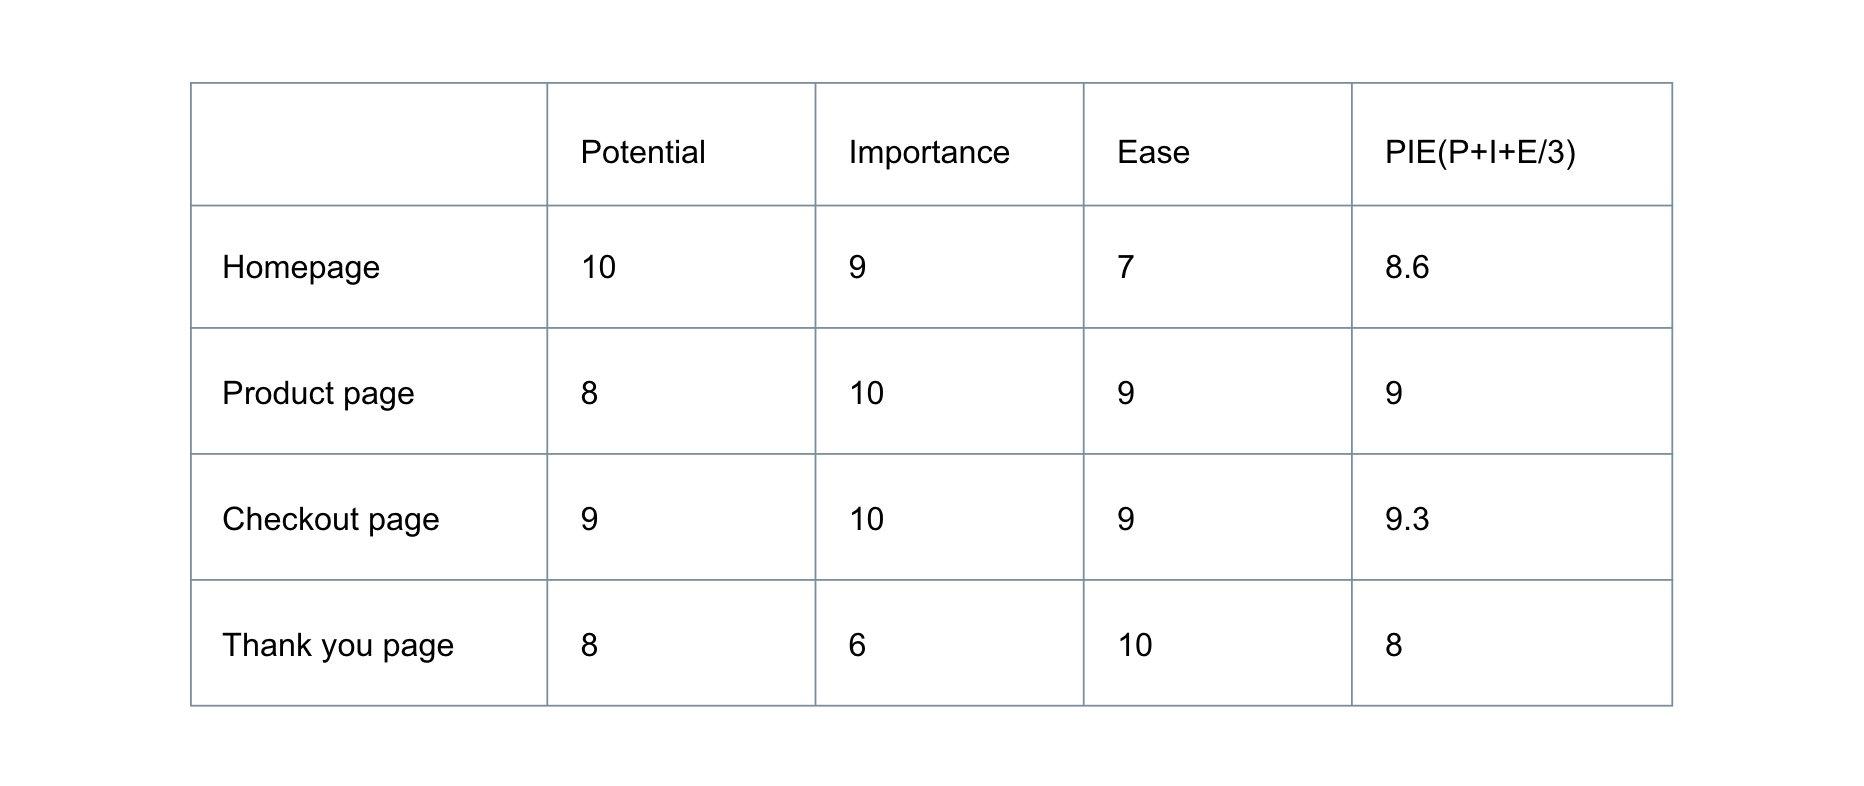 PIE Prioritization Framework